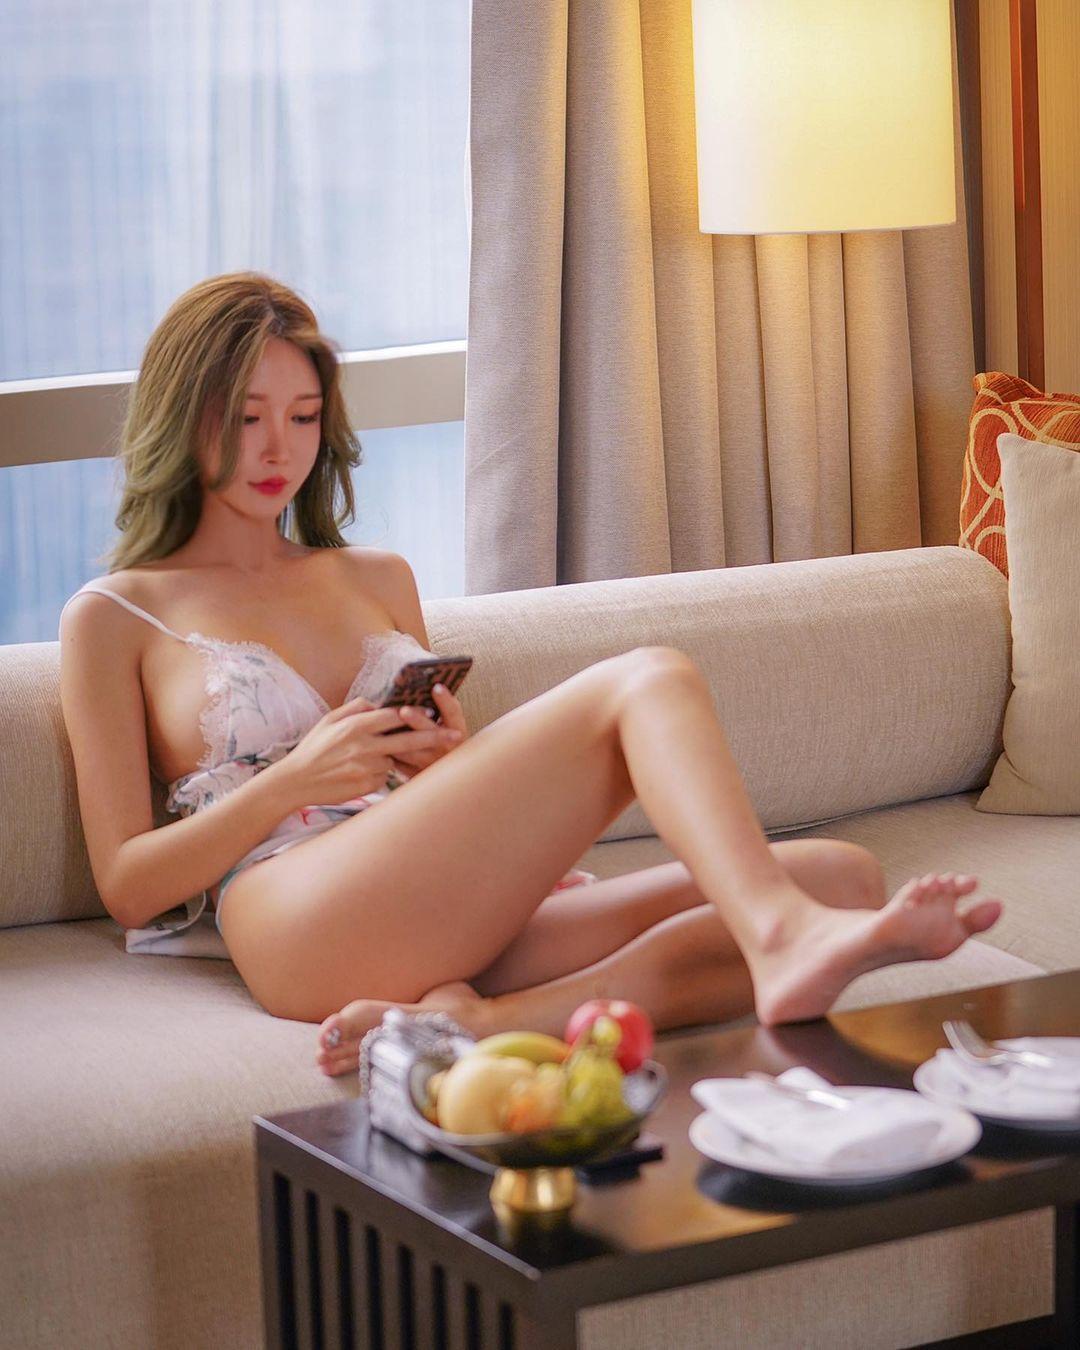 ガティタ・ヤン「裸エプロン風のギリギリ横乳!」妖艶な美スタイルにファン「このシリーズマジで好き」【画像3枚】の画像001